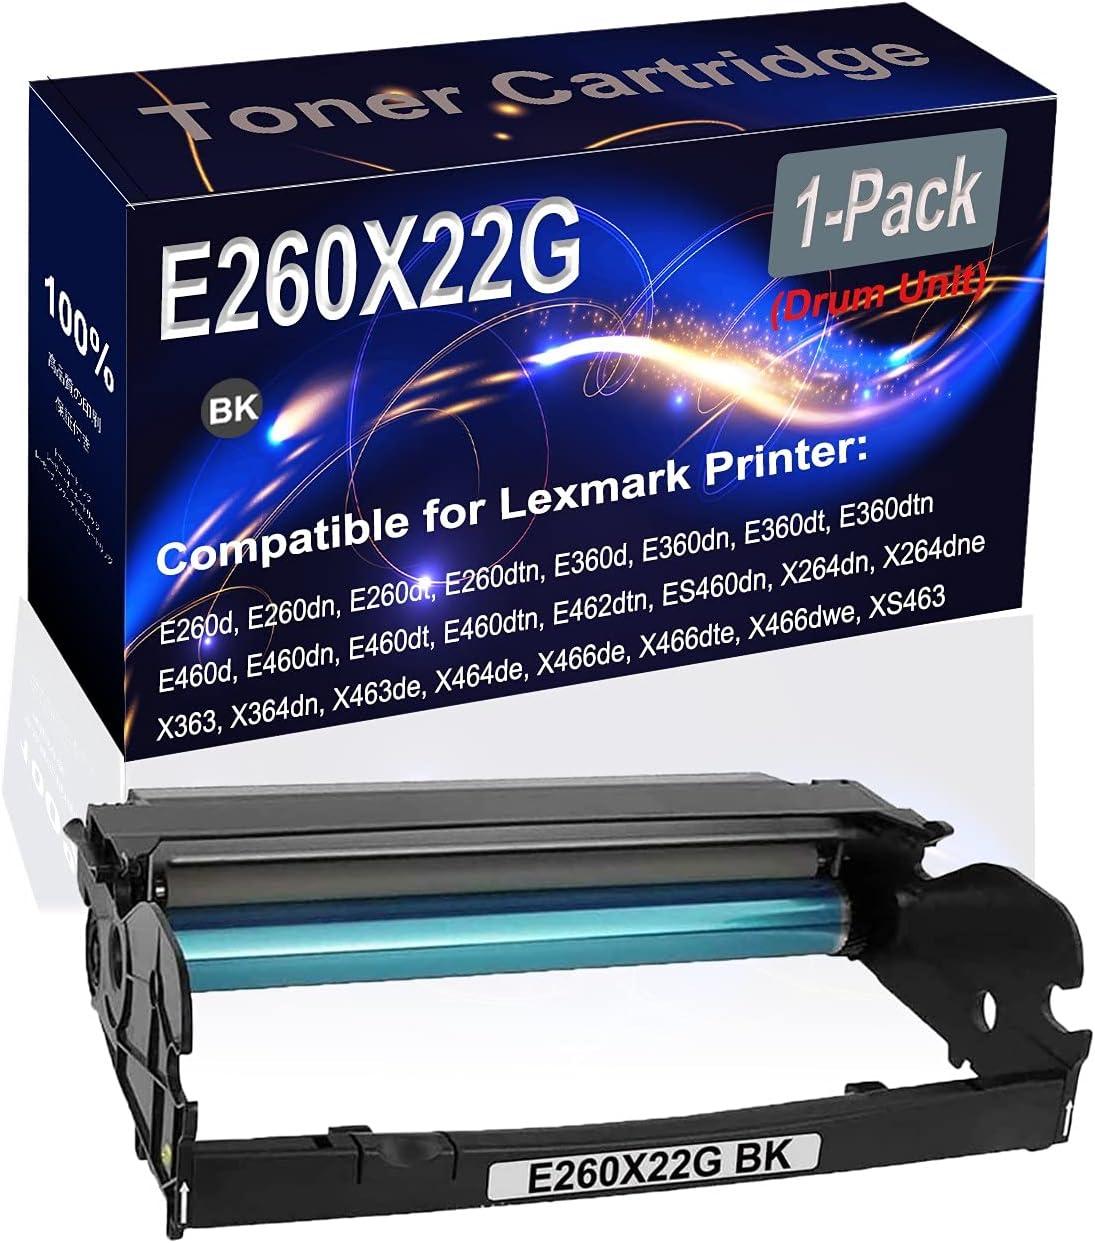 Purchase 1-Pack Compatible E260d Beauty products E260dn E360dn E260dt E360d E260dtn